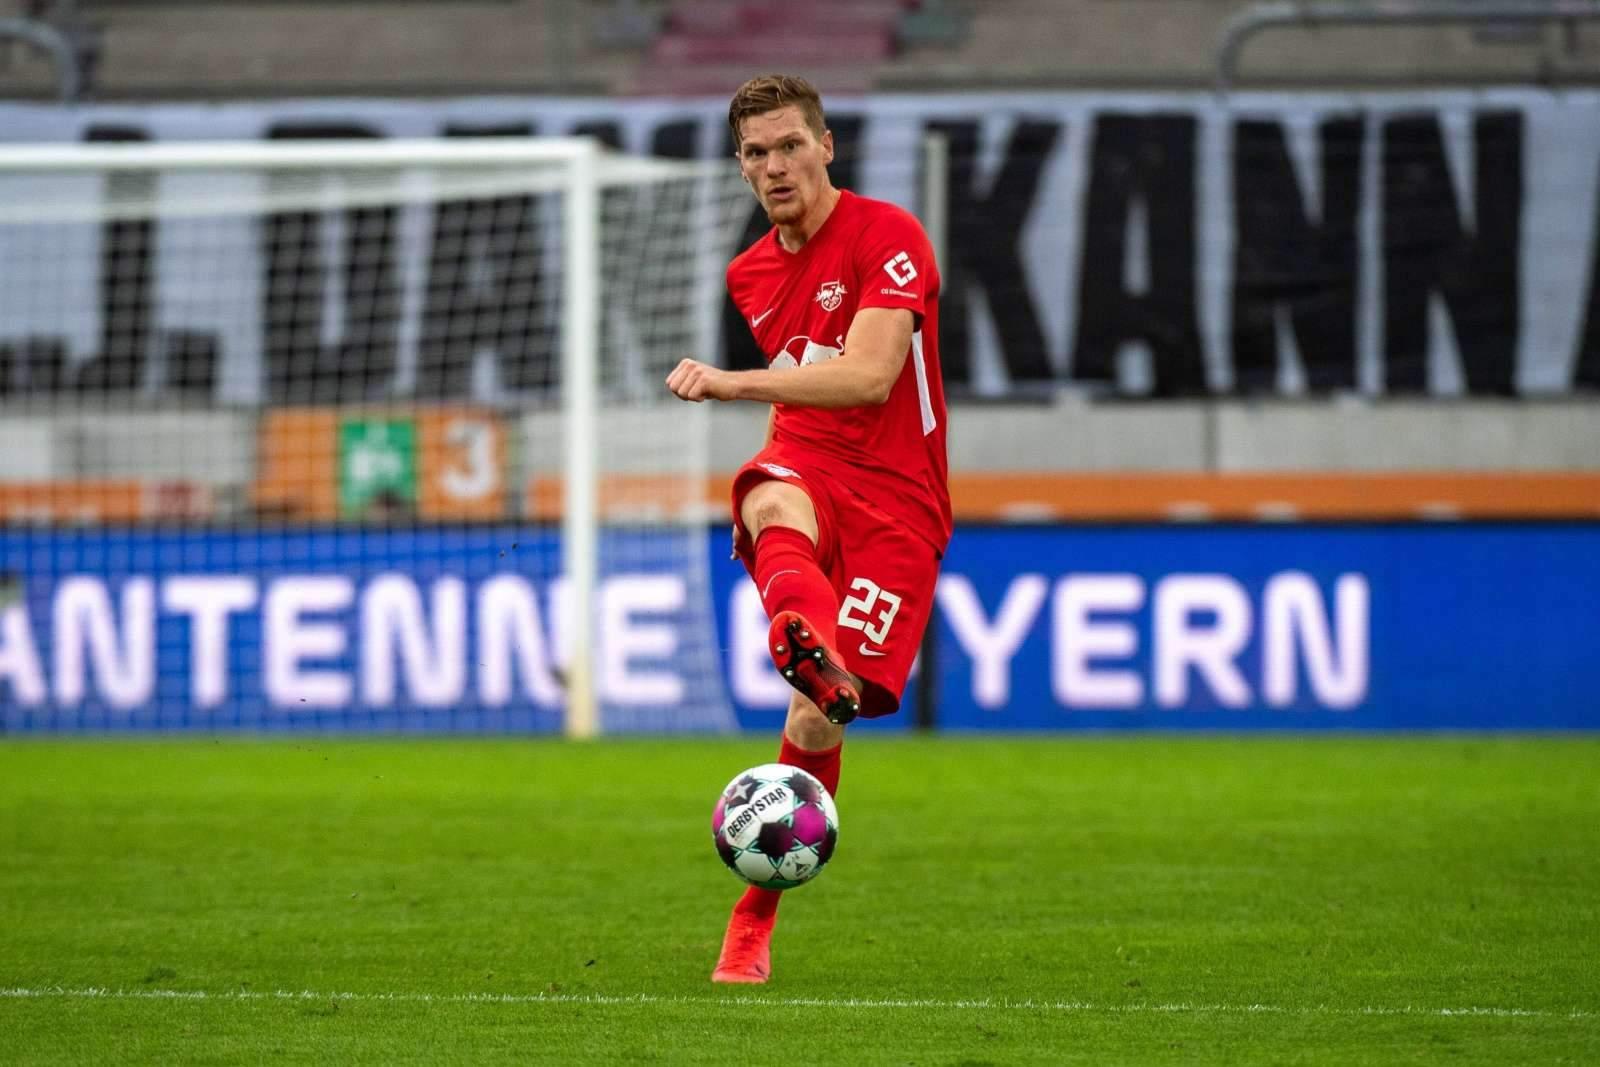 Дортмундская «Боруссия» в шаге от подписания защитника сборной Германии